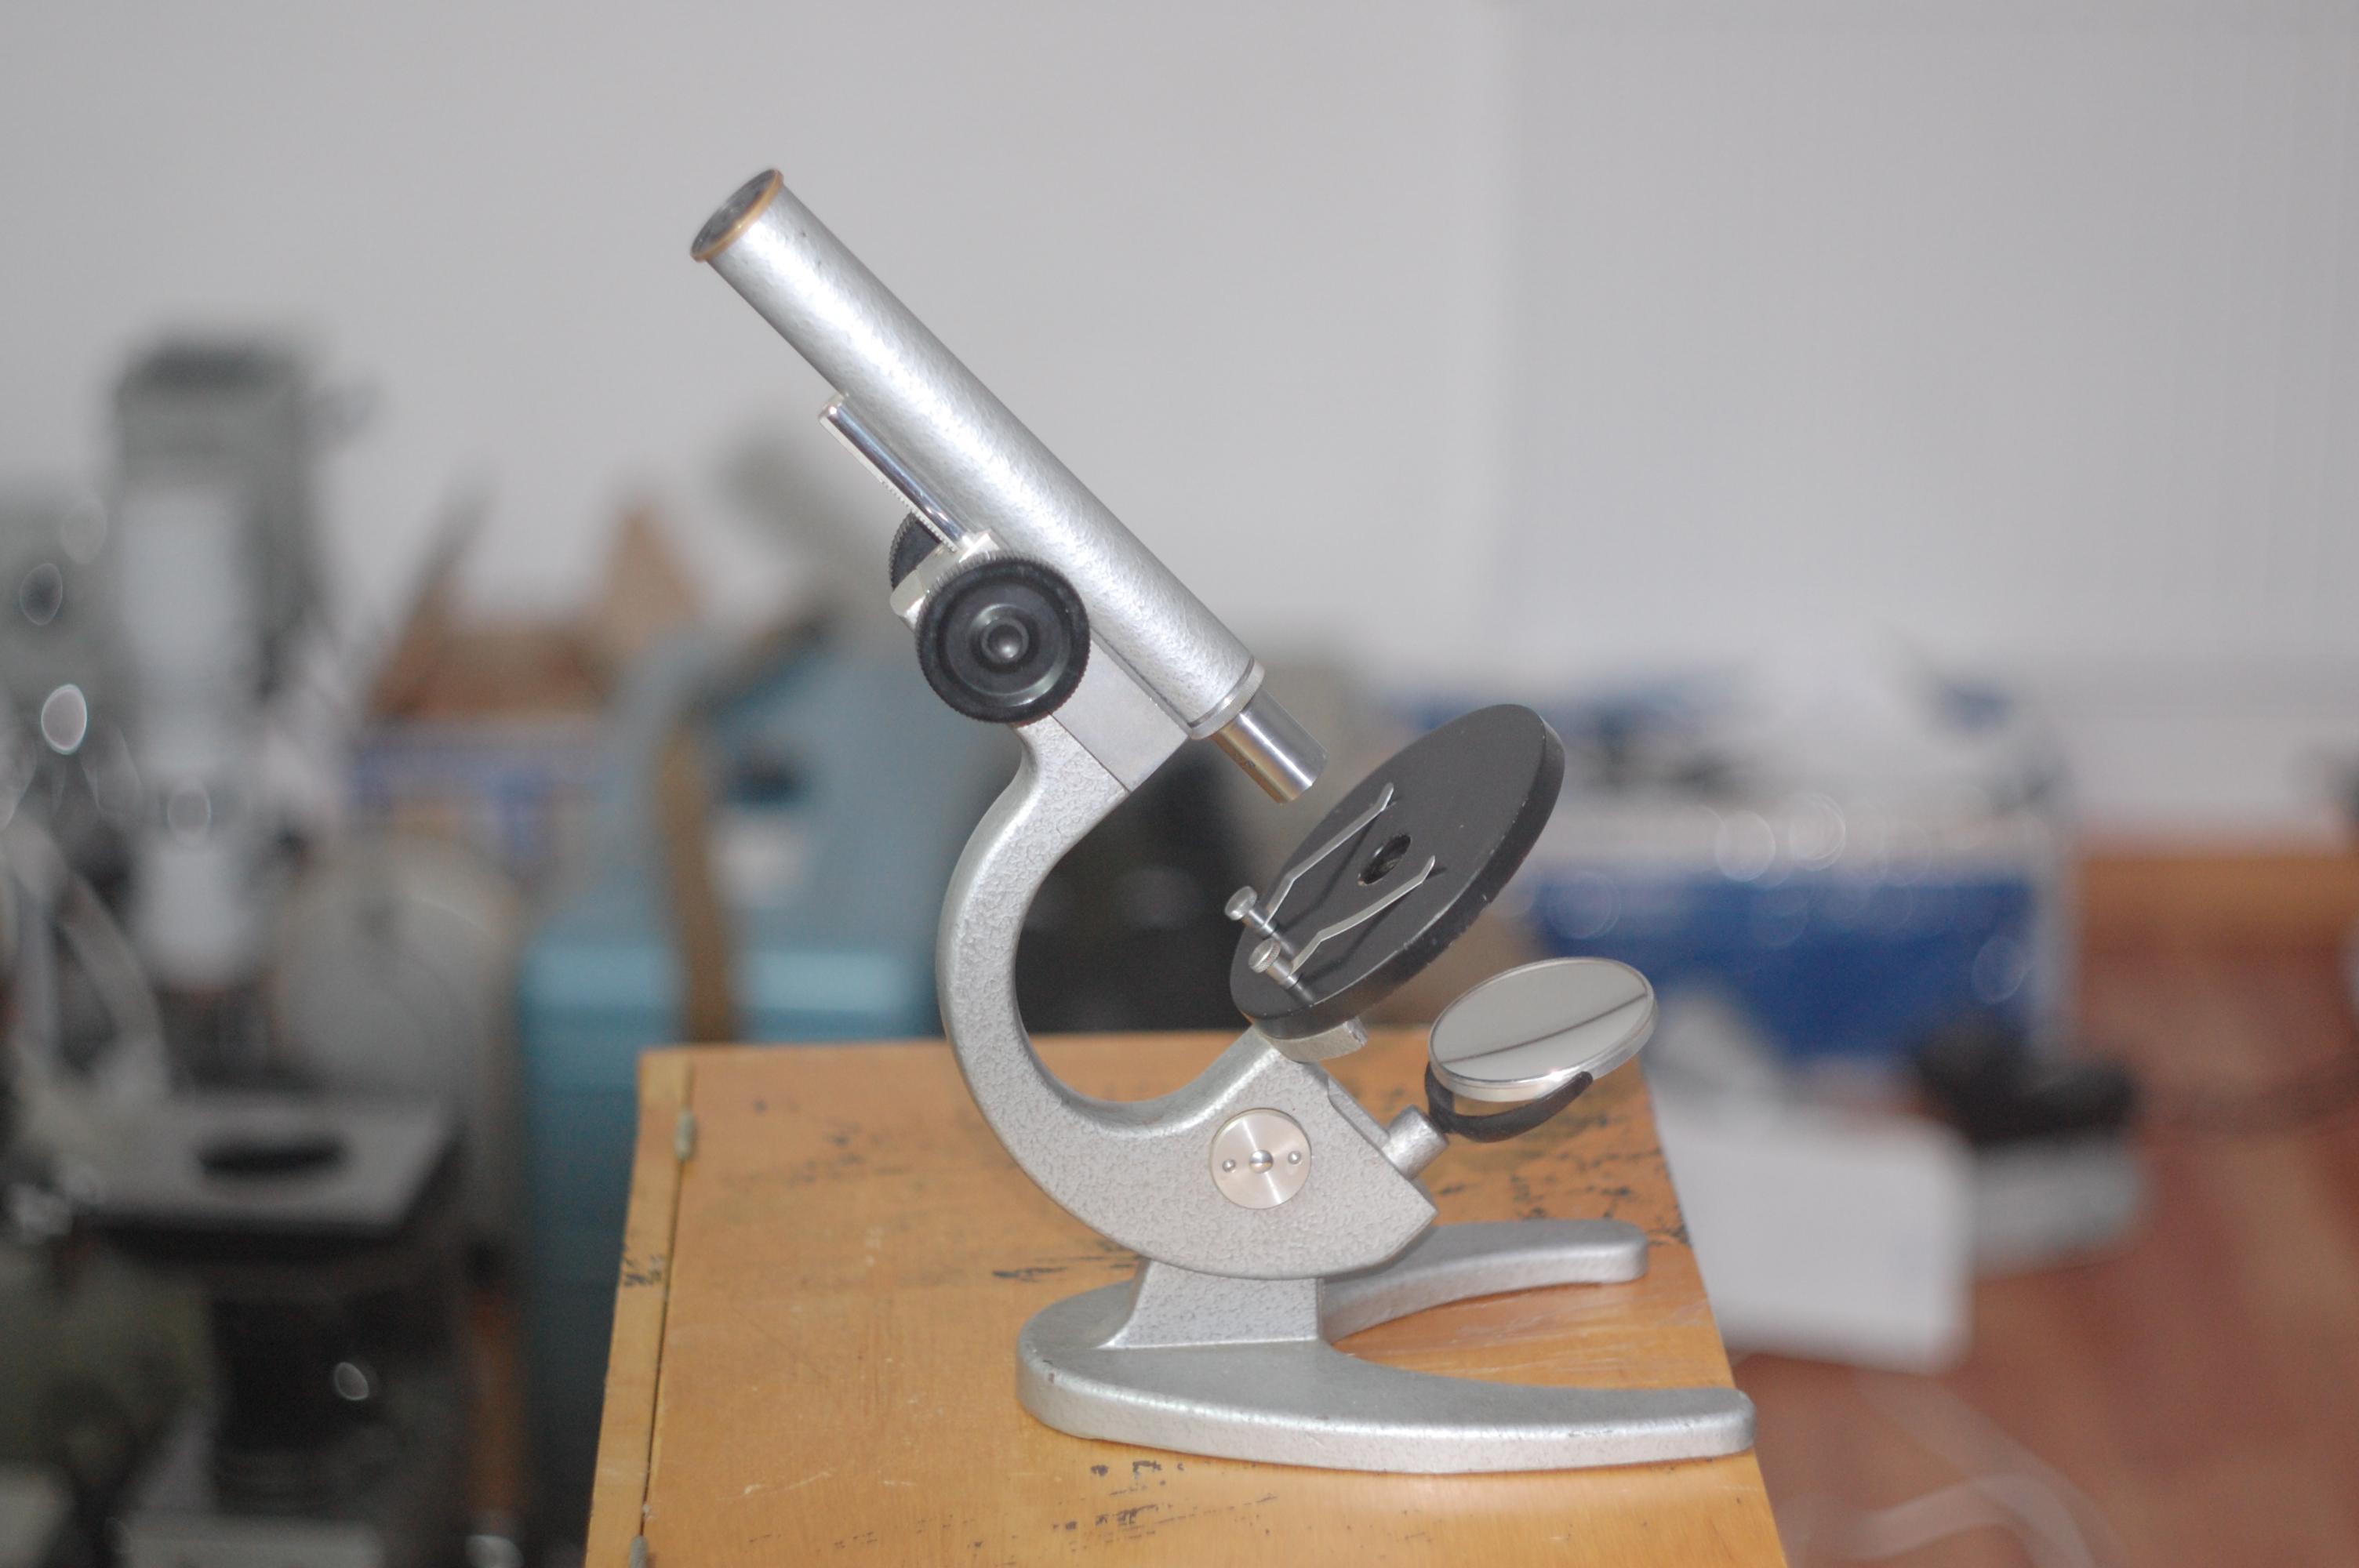 изображение в микроскопе прямое или обратное